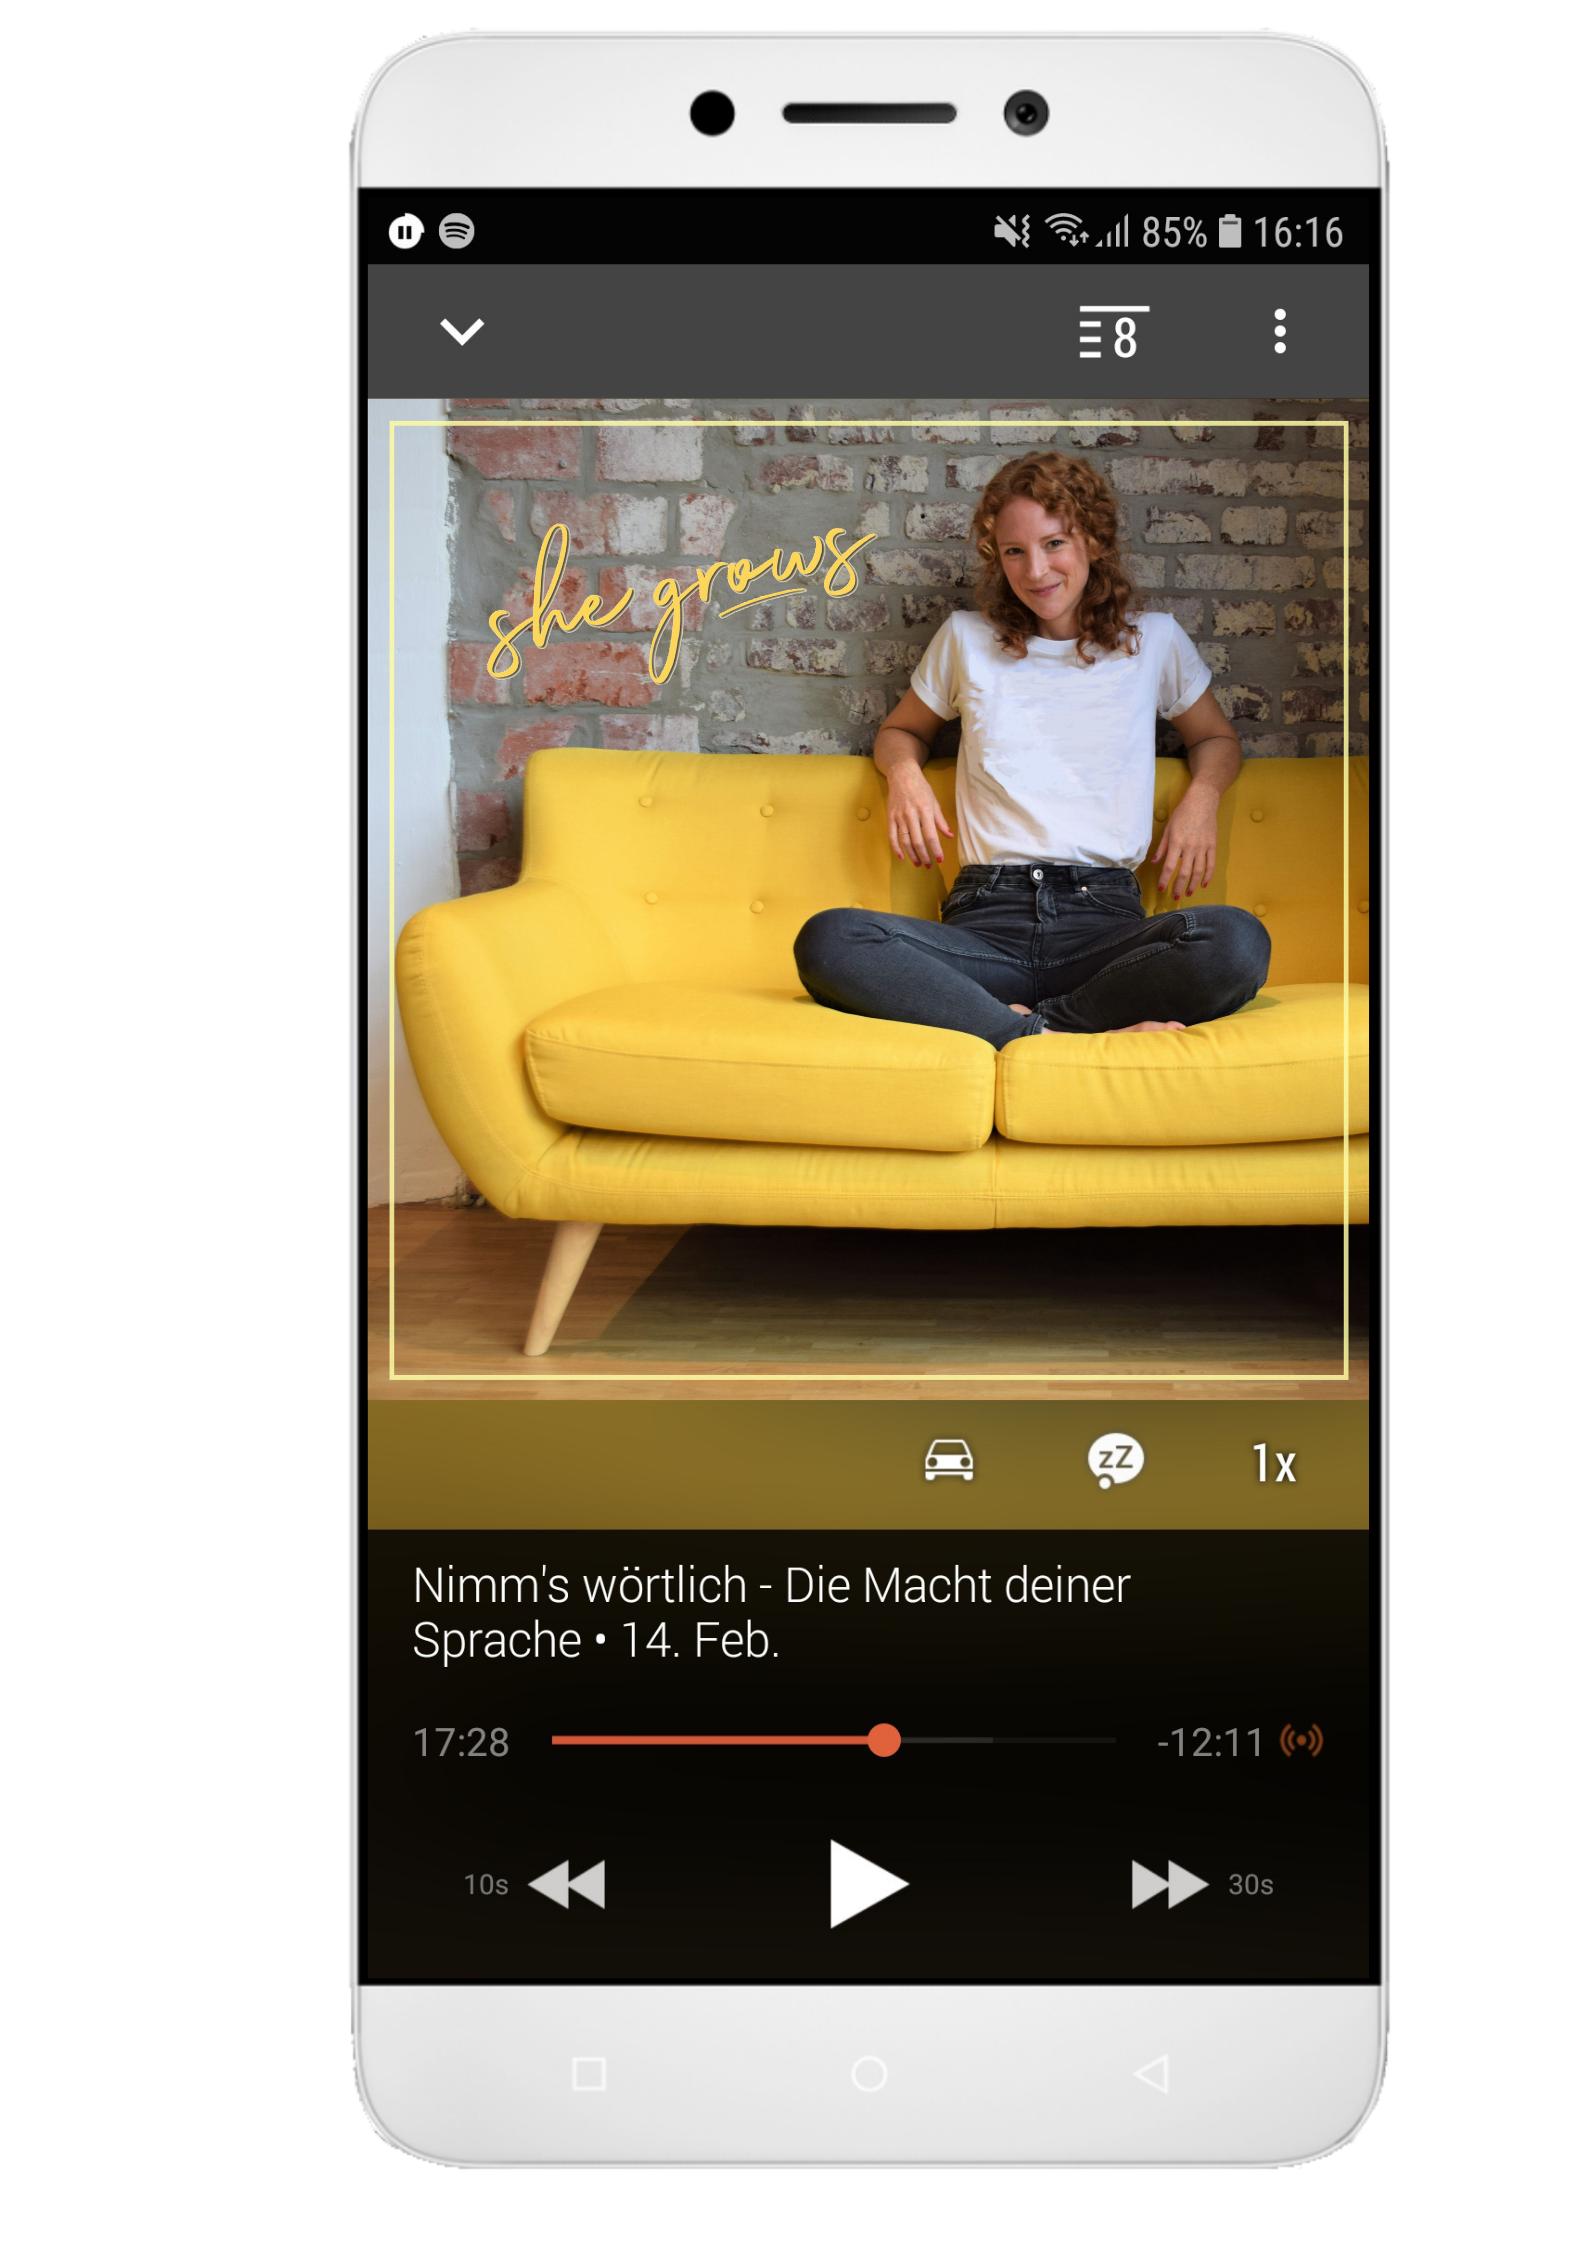 Podcast she grows Darstellung in einer Podcast- App auf einem Smartphone